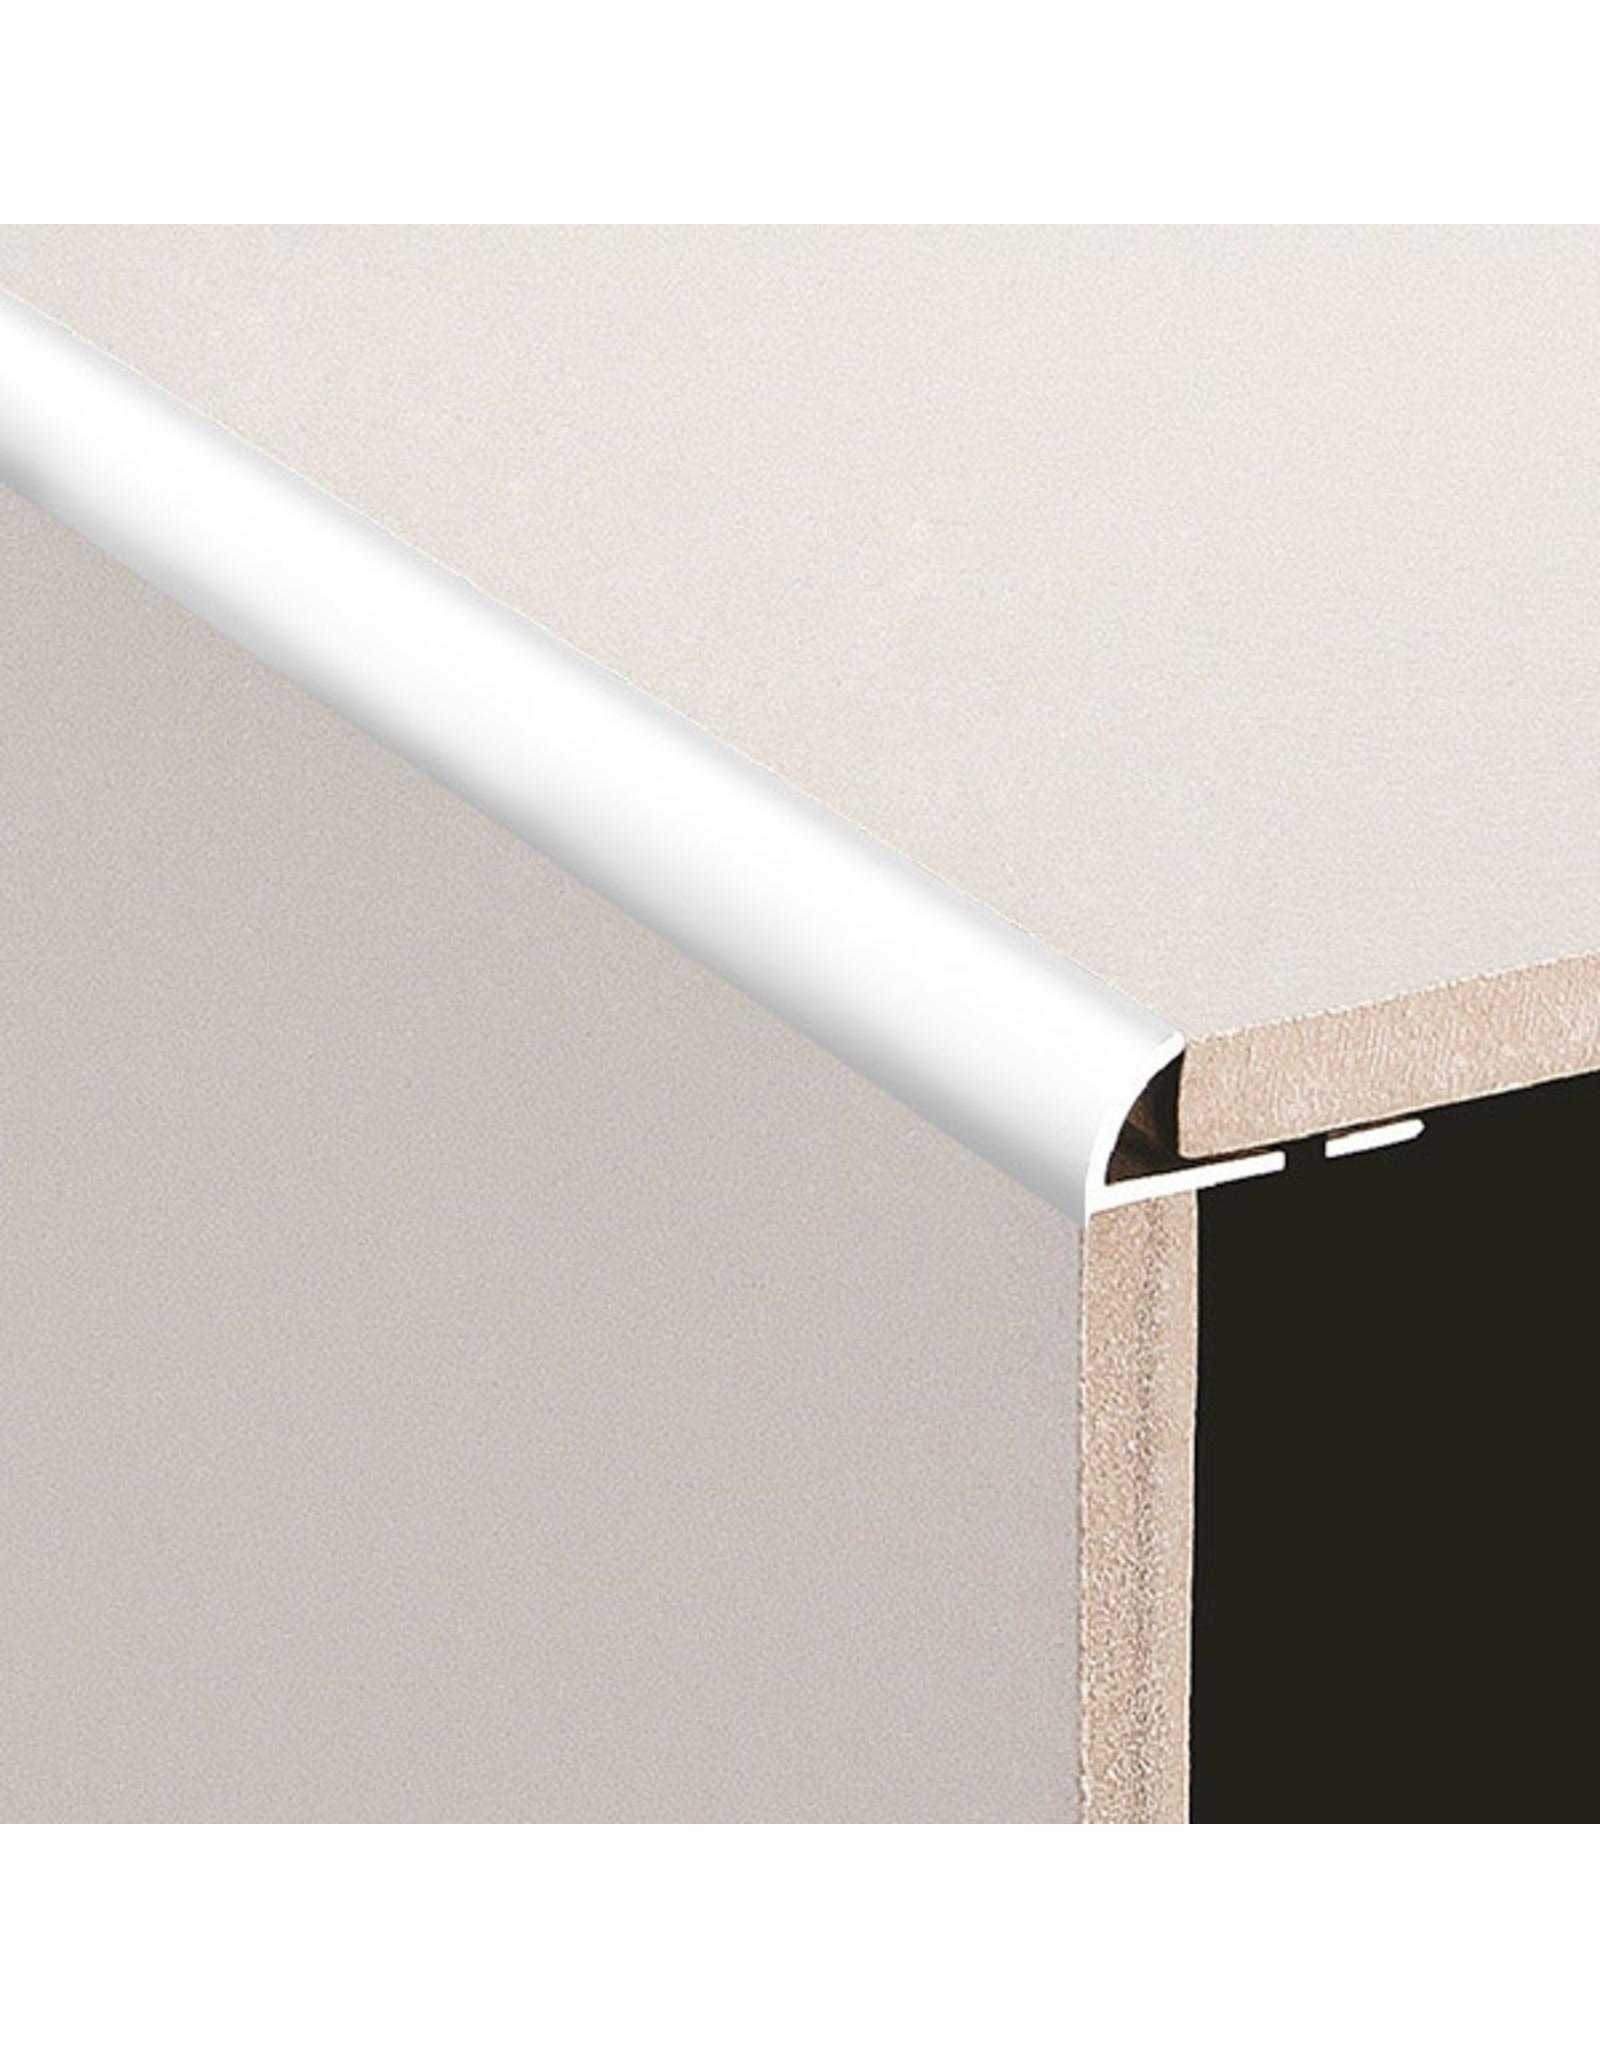 DTA 8mm DTA Aluminium Round Edge Trim Bright Silver